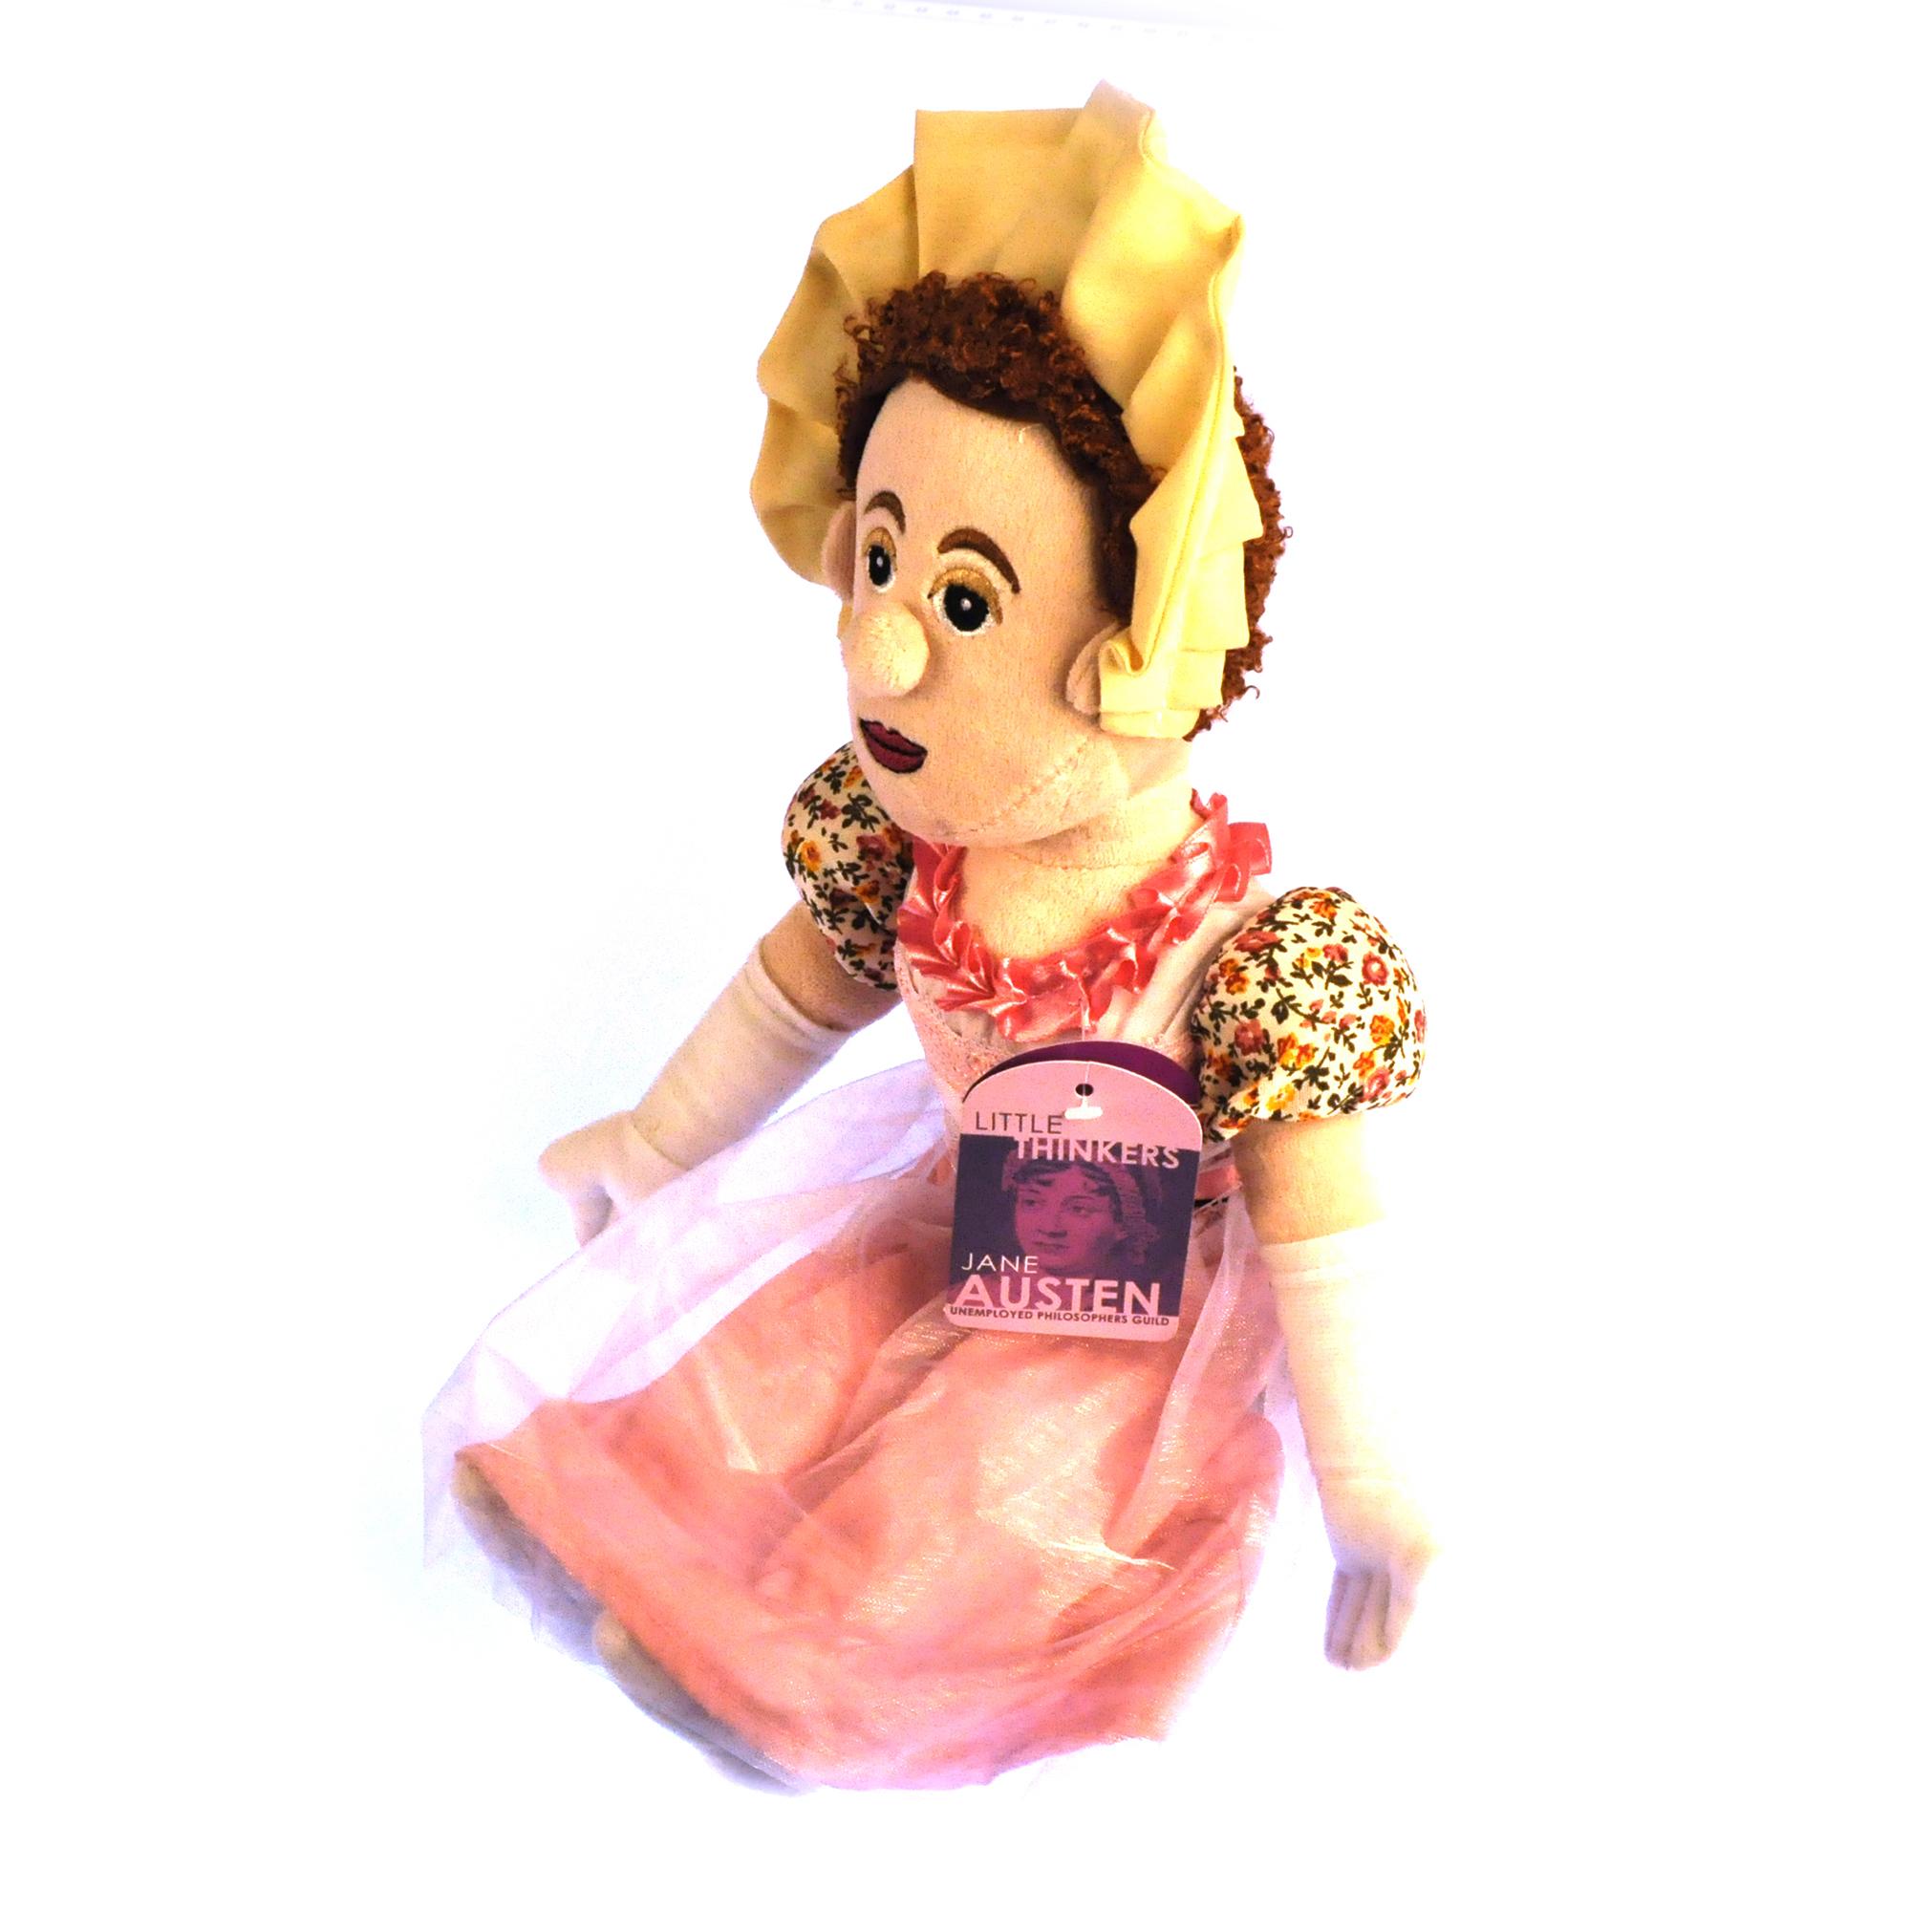 Alexander Hamilton Giocattolo Morbido-Little pensatori doll